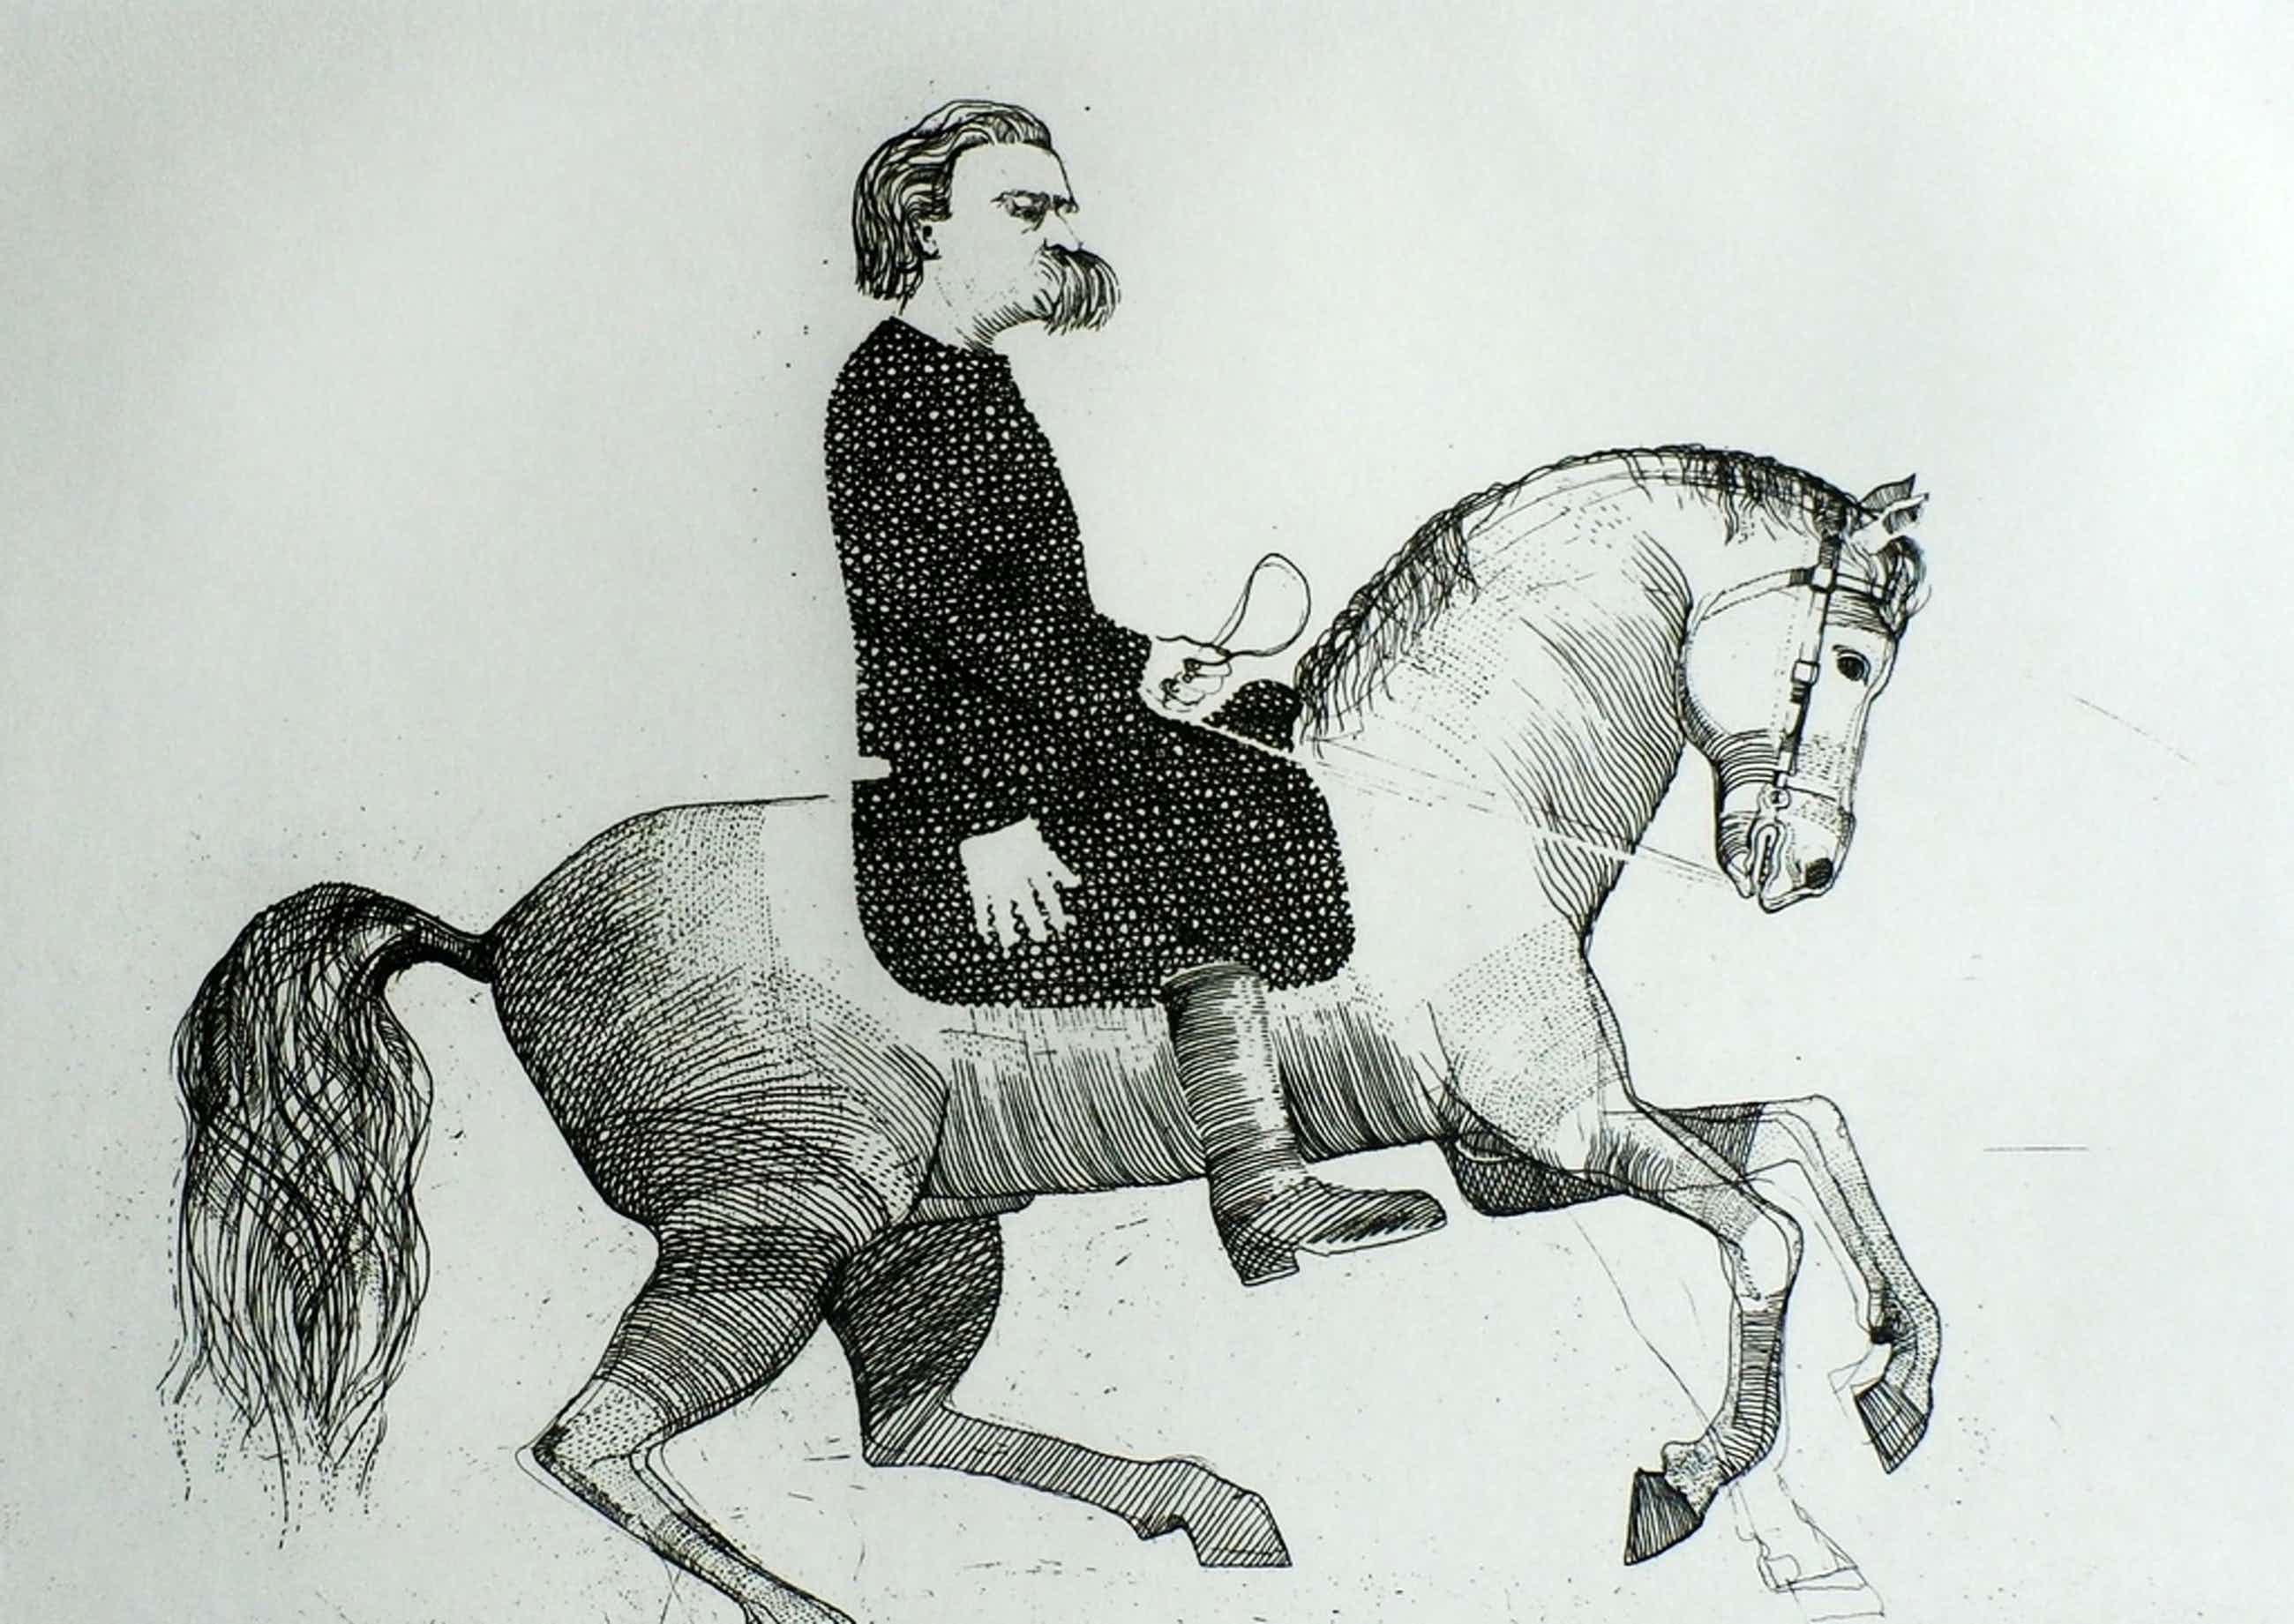 Aat verhoog - ets: heer op paard - 1971 kopen? Bied vanaf 75!